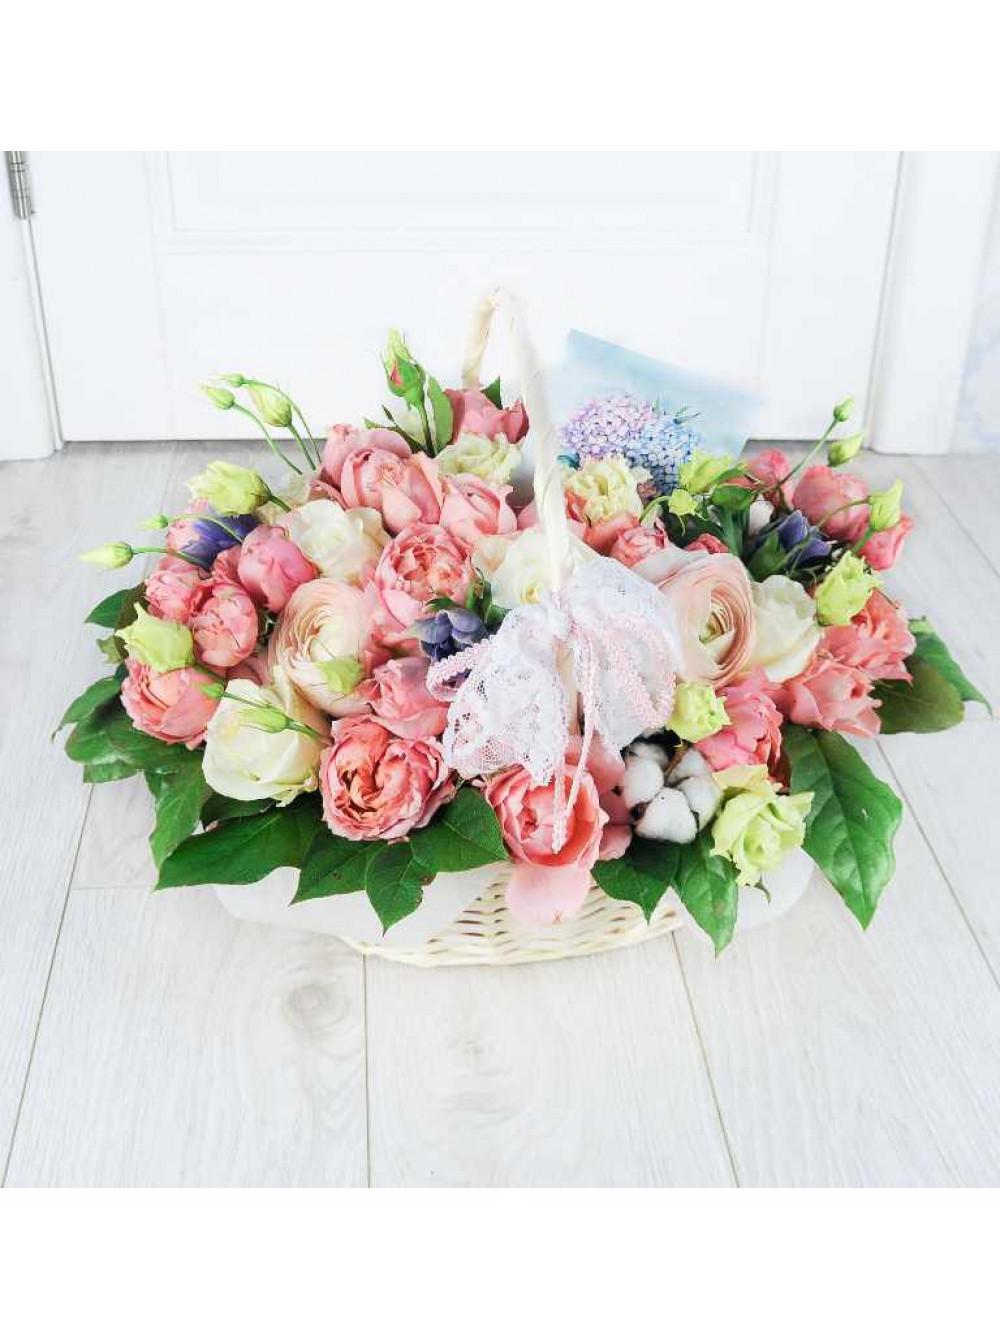 Букет цветов в корзинах #8